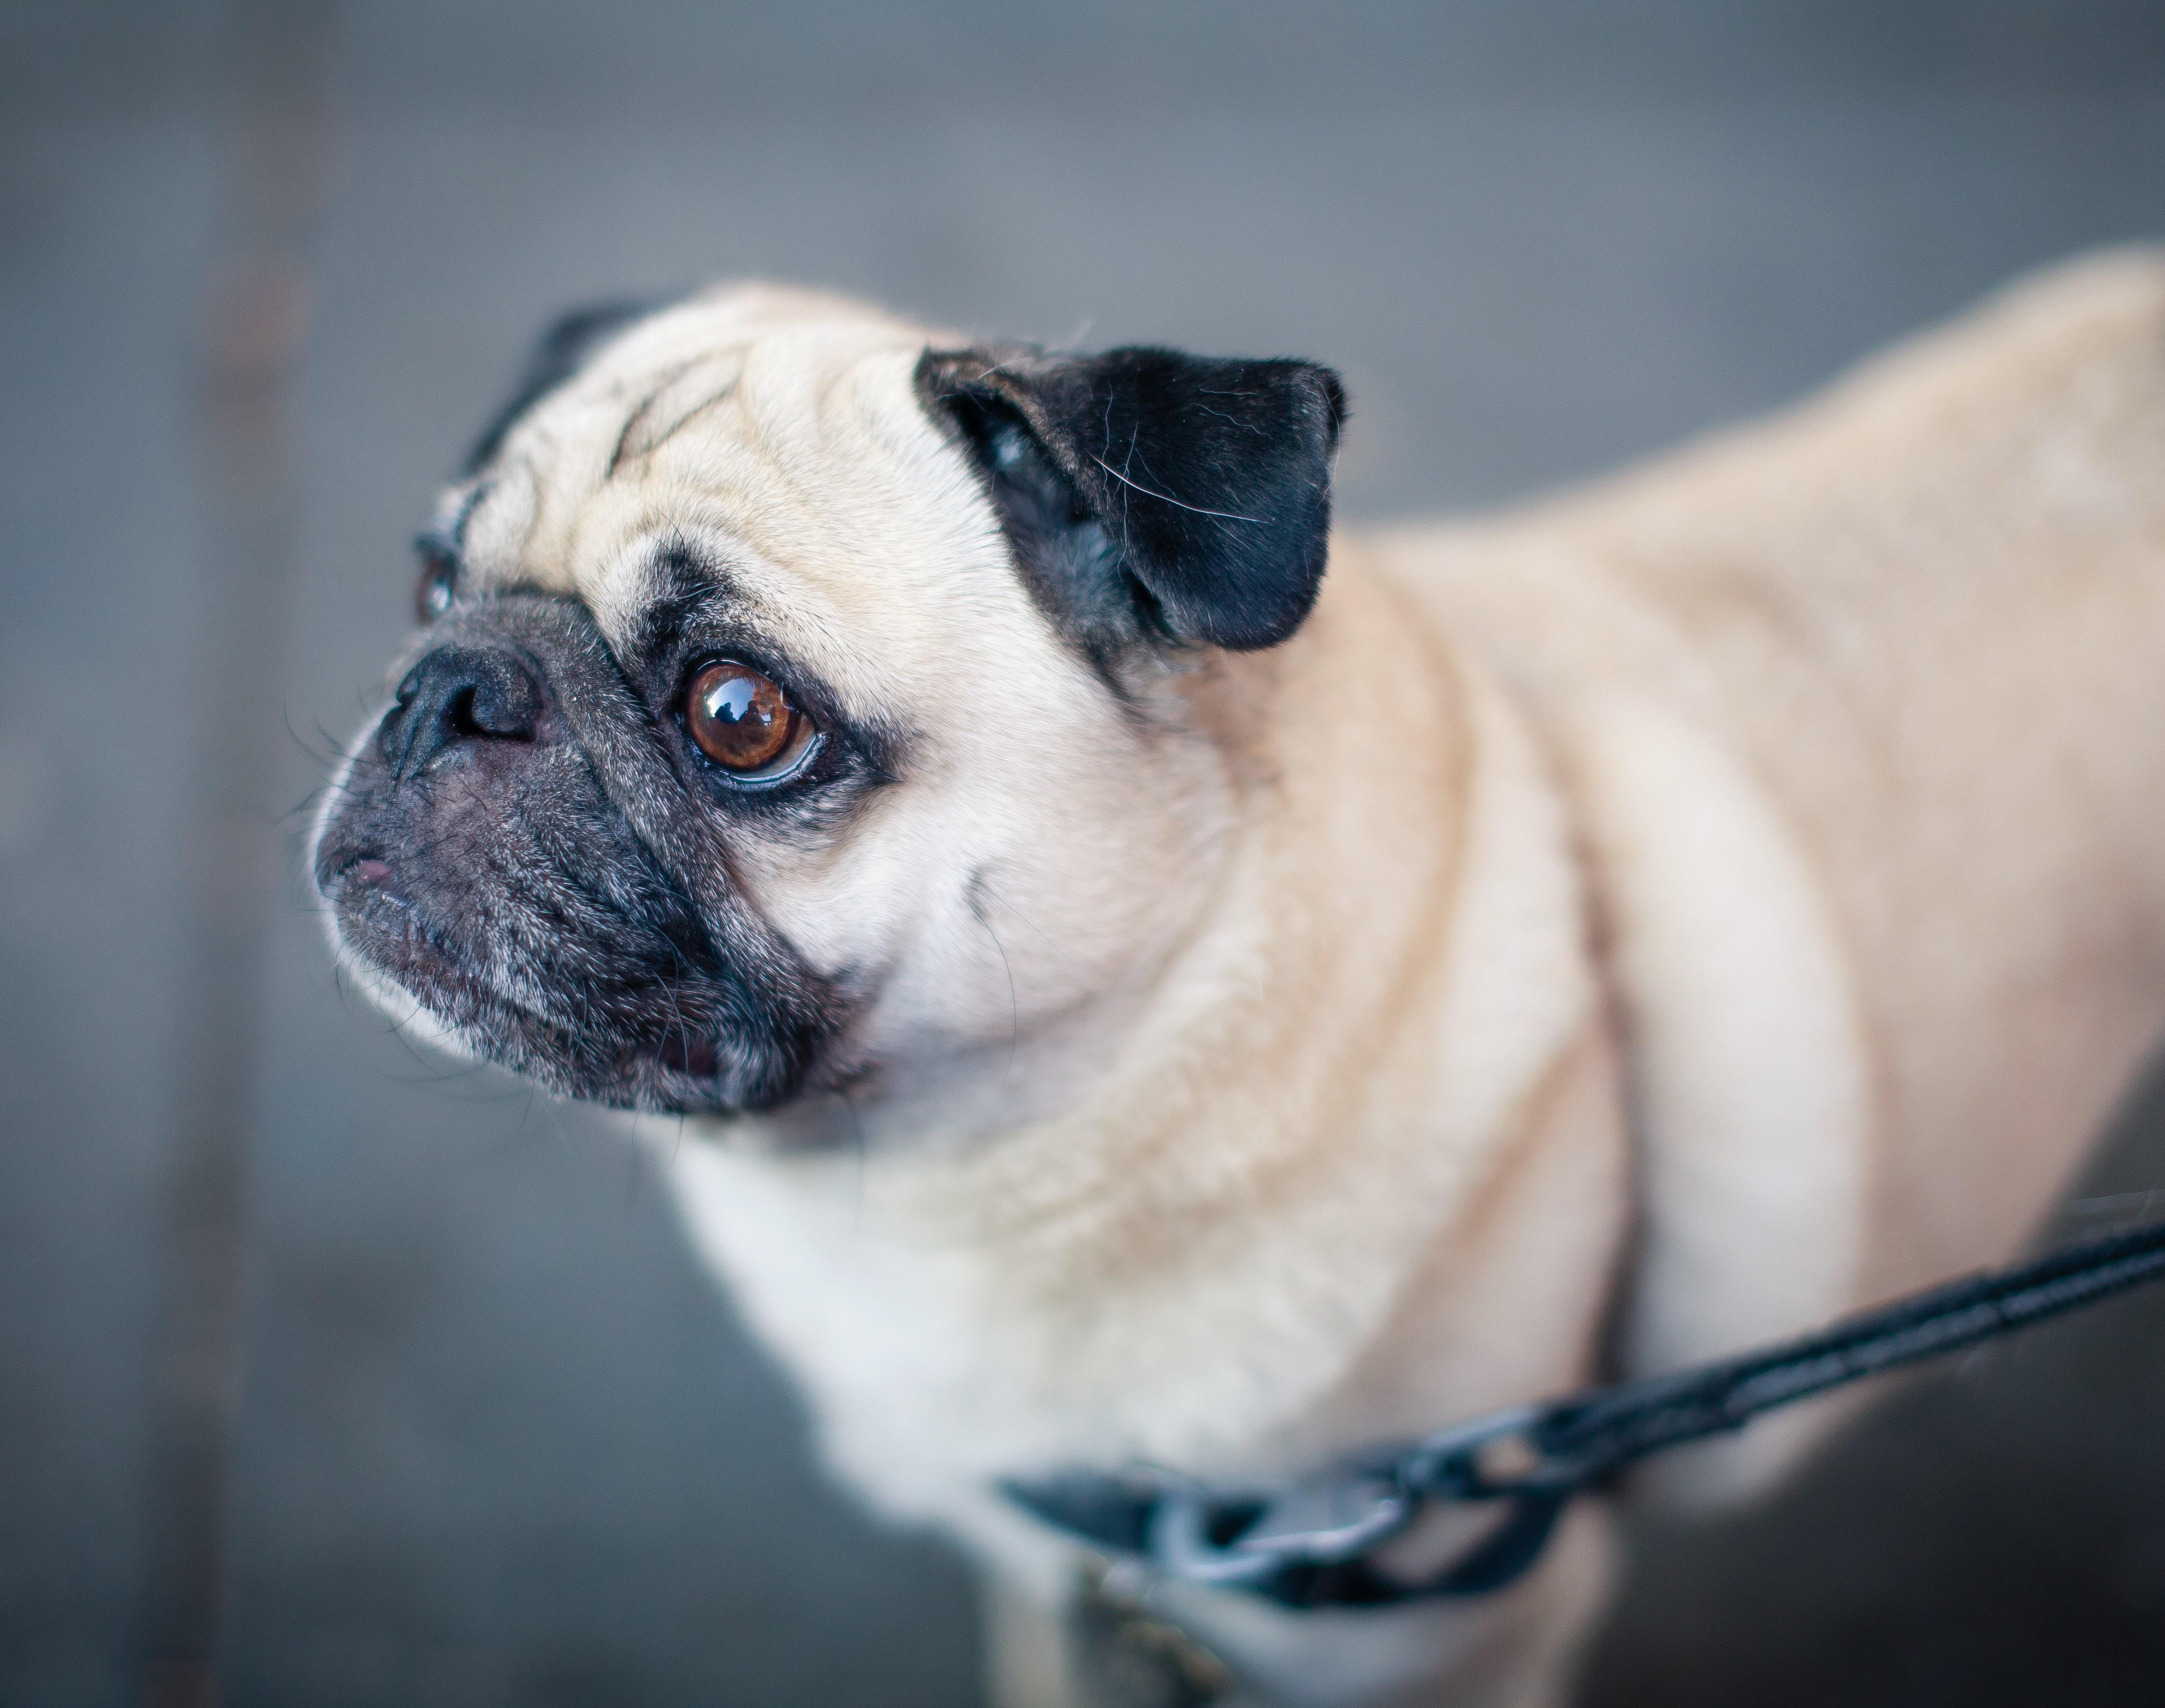 A pug dog on a leash